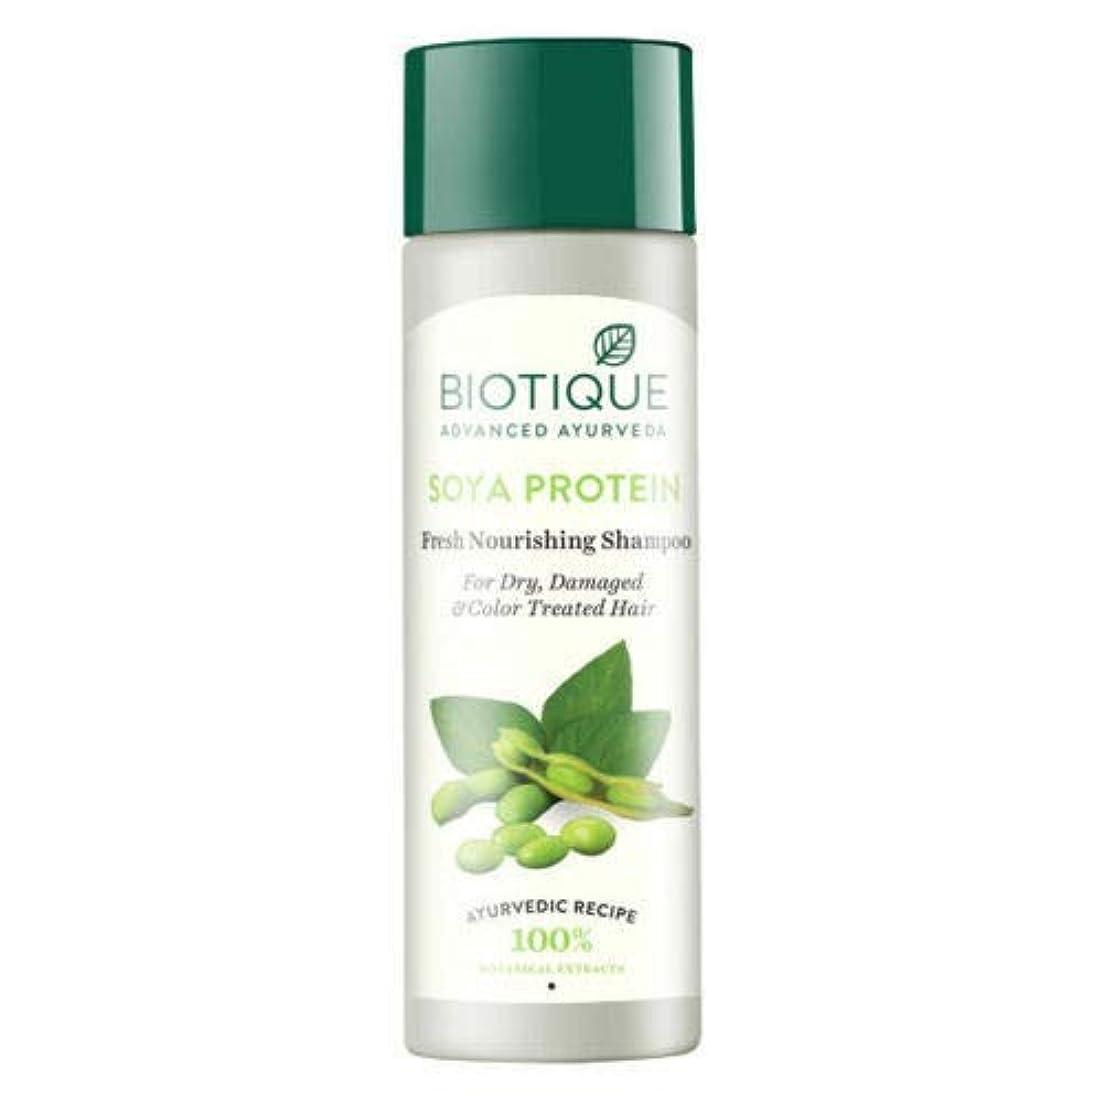 トレーダー贅沢なコインBiotique Bio Soya Protein Fresh Nourishing Shampoo (190 ml) For Dry Hairs 乾いた毛のためのBiotiqueバイオ大豆タンパク質新鮮な栄養シャンプー